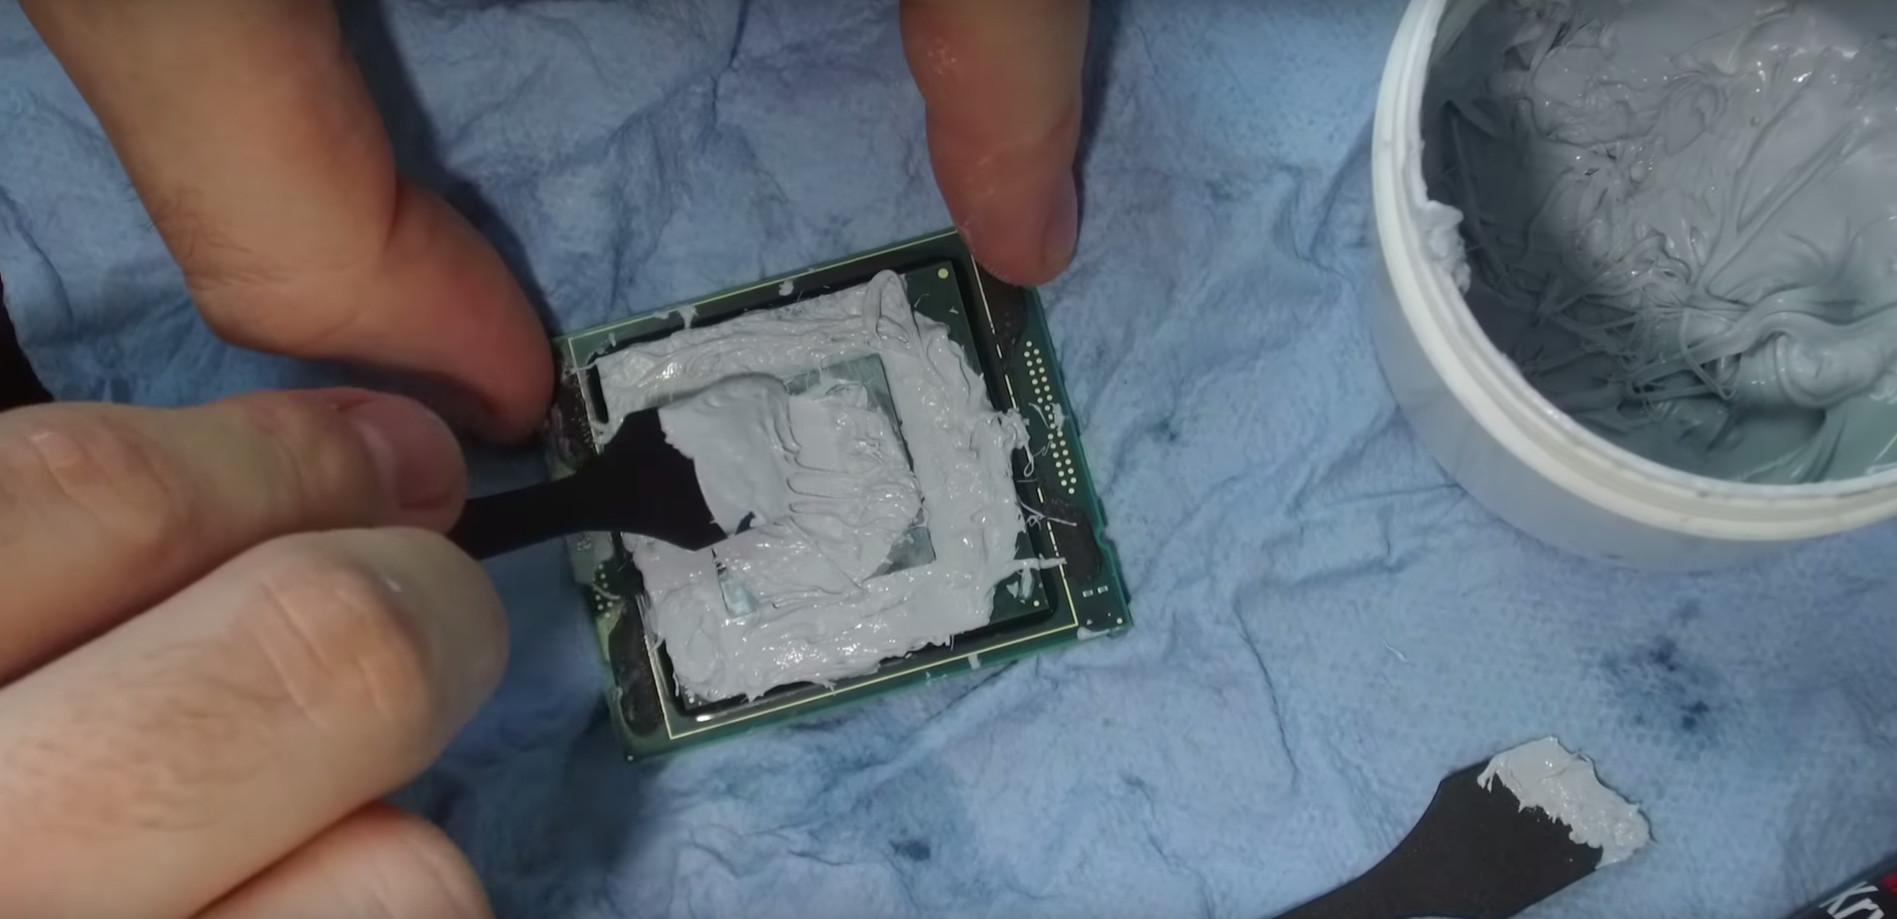 Le Intel Core i9-7980XE 18-Core @ 6.1GHz consomme 1000 W